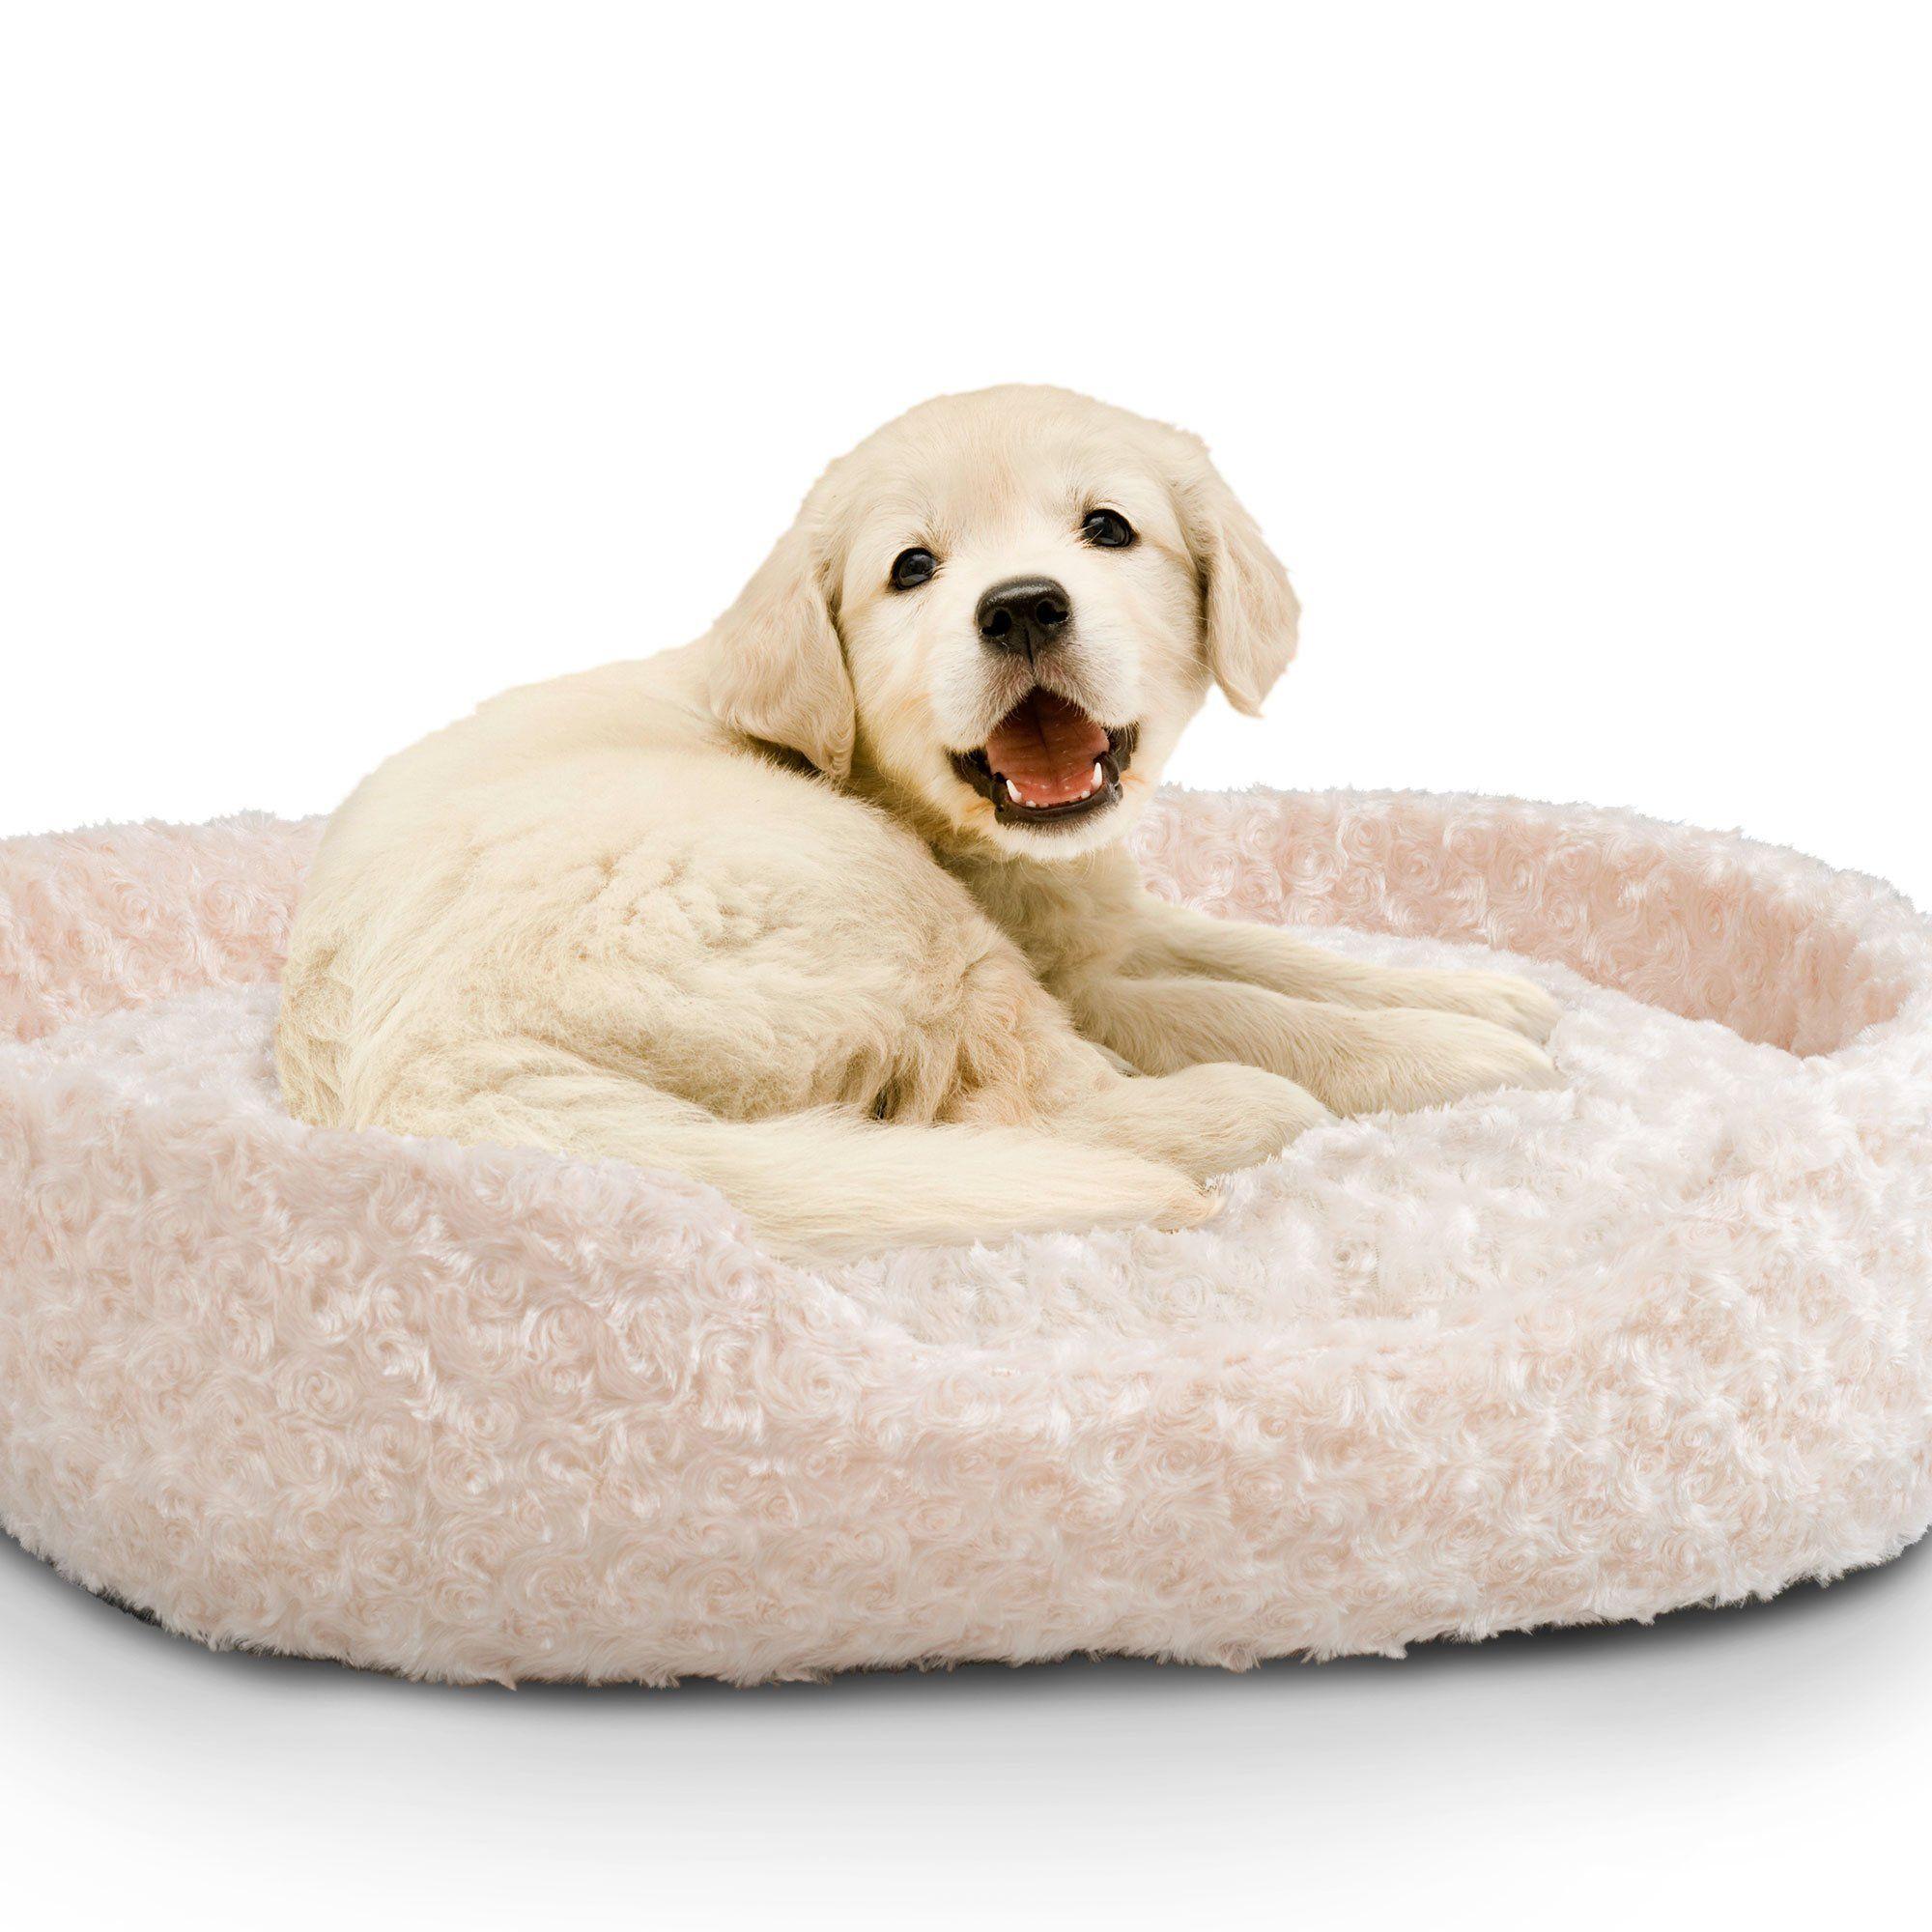 PETMAKER Large Cuddle Round Plush Pet Bed Ivory >>> You